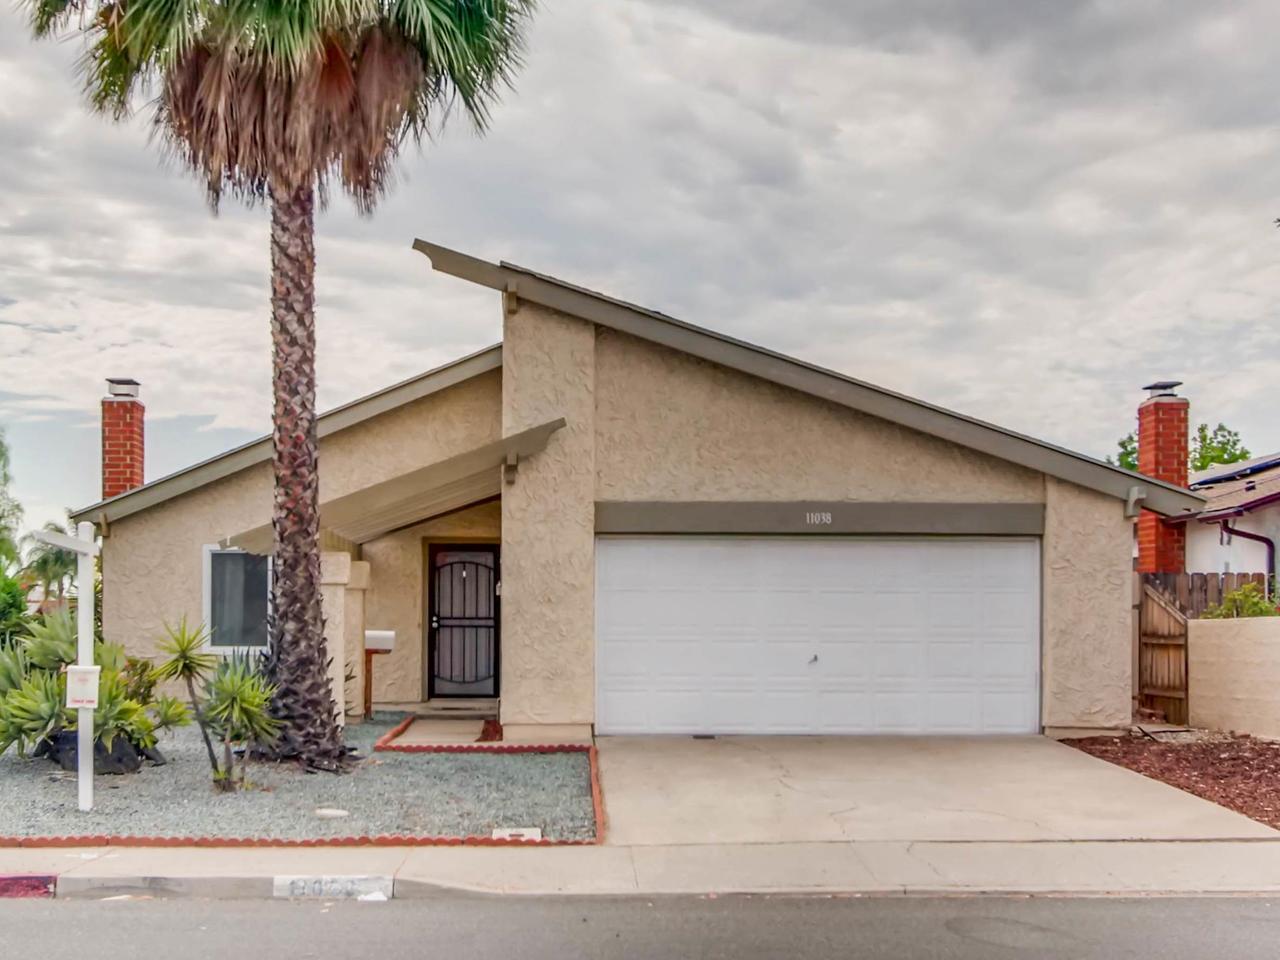 11038 Westonhill Dr, San Diego, CA 92126